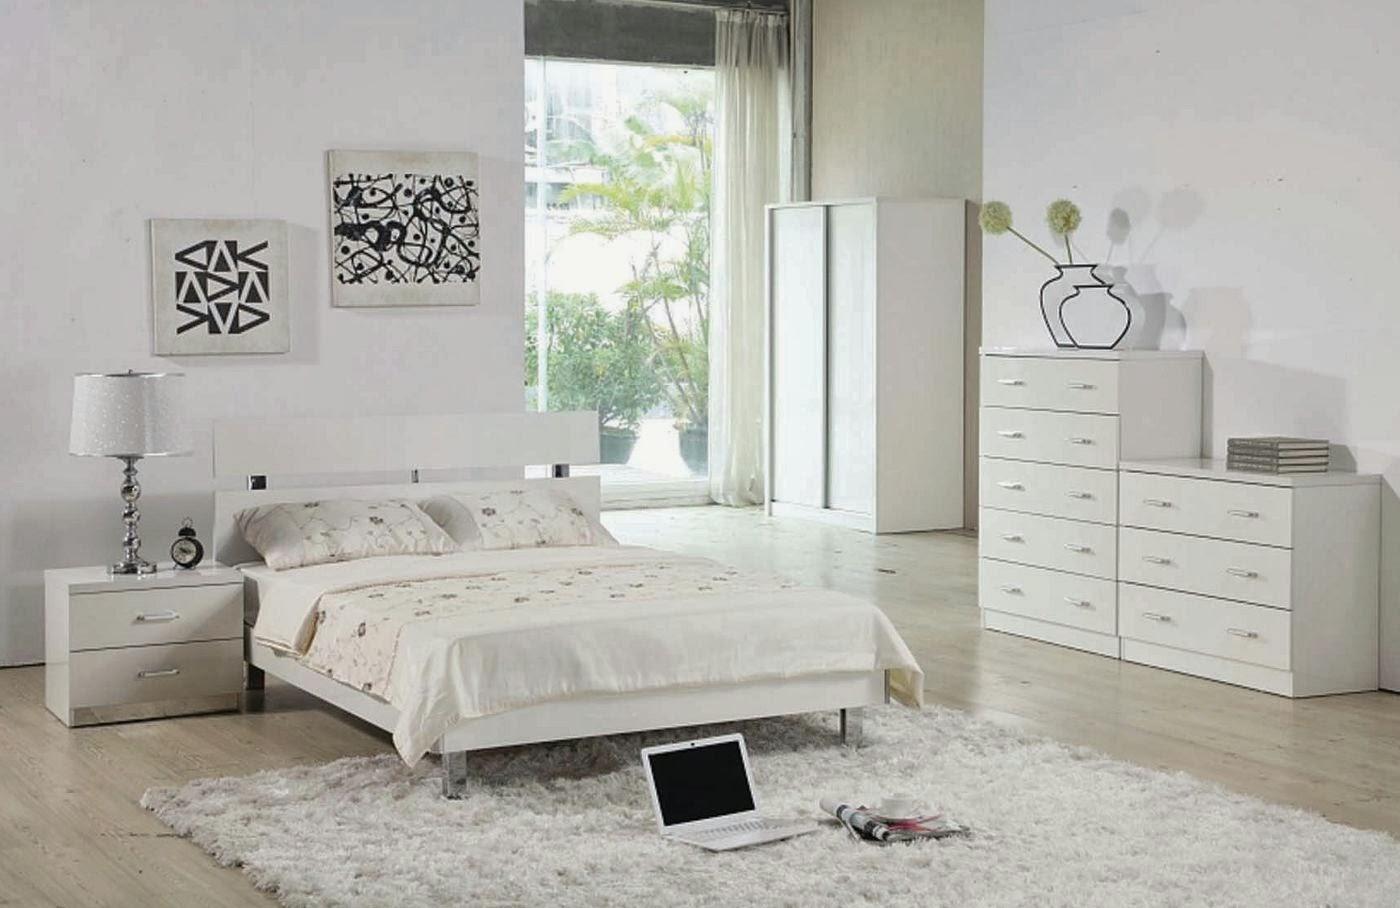 10 contoh desain ide kamar tidur warna putih design rumah